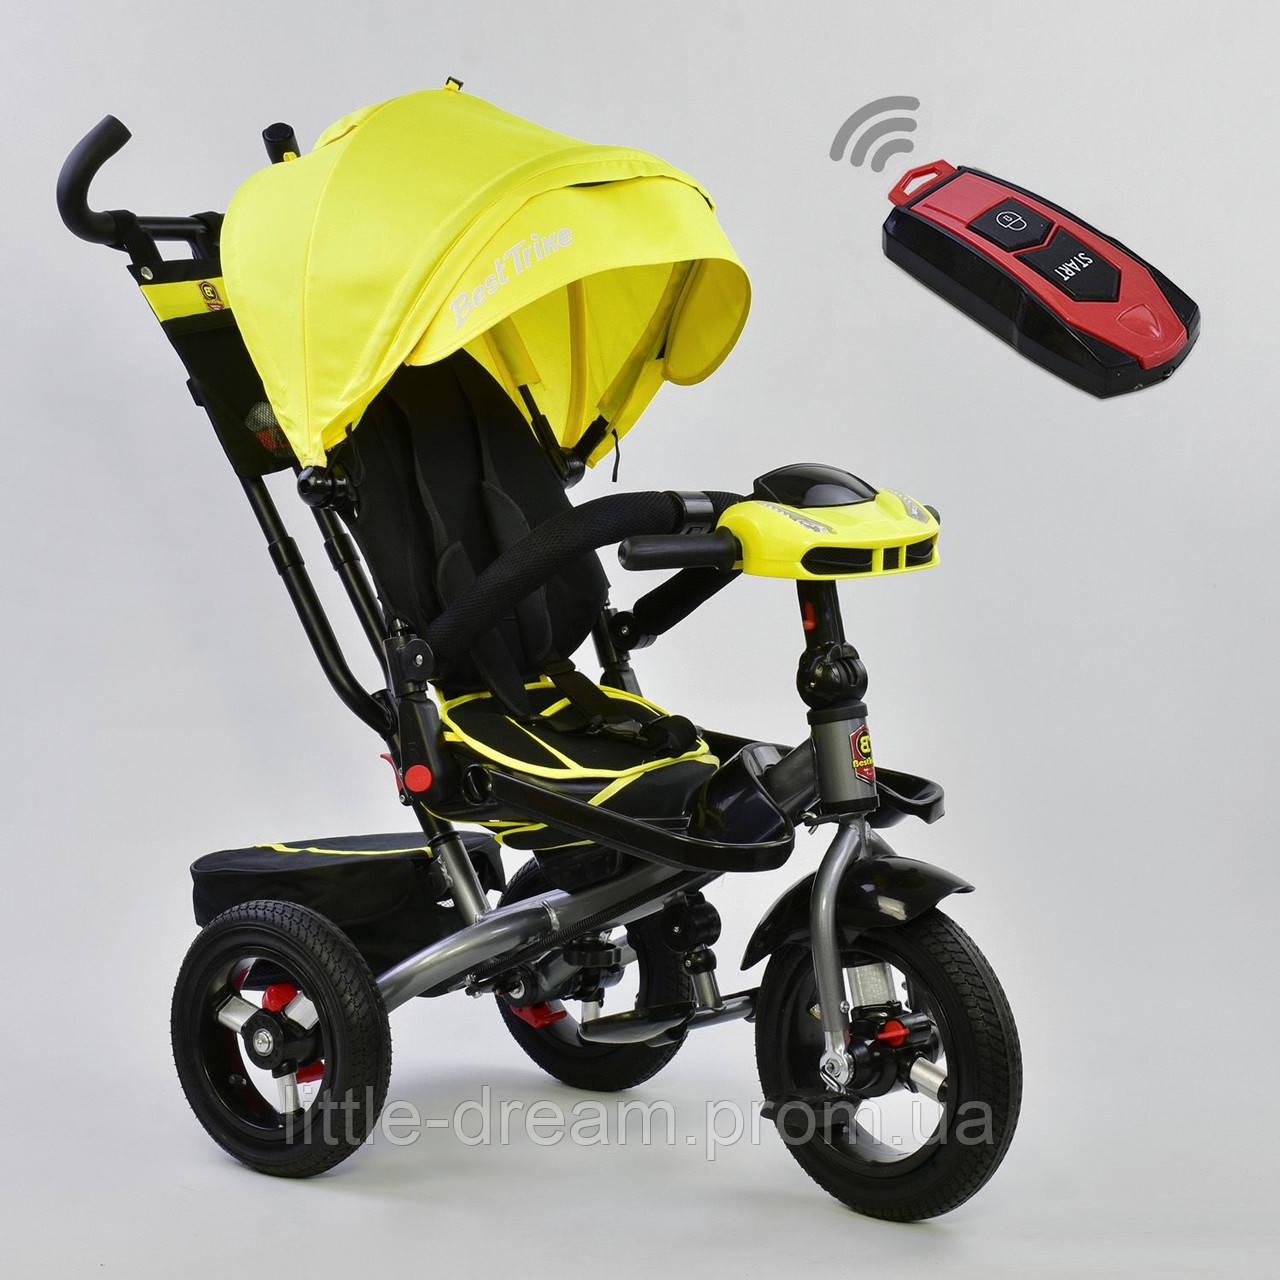 Велосипед Best Trike 6088 F – 1340 поворотное сиденье, надувные колеса, с пультом